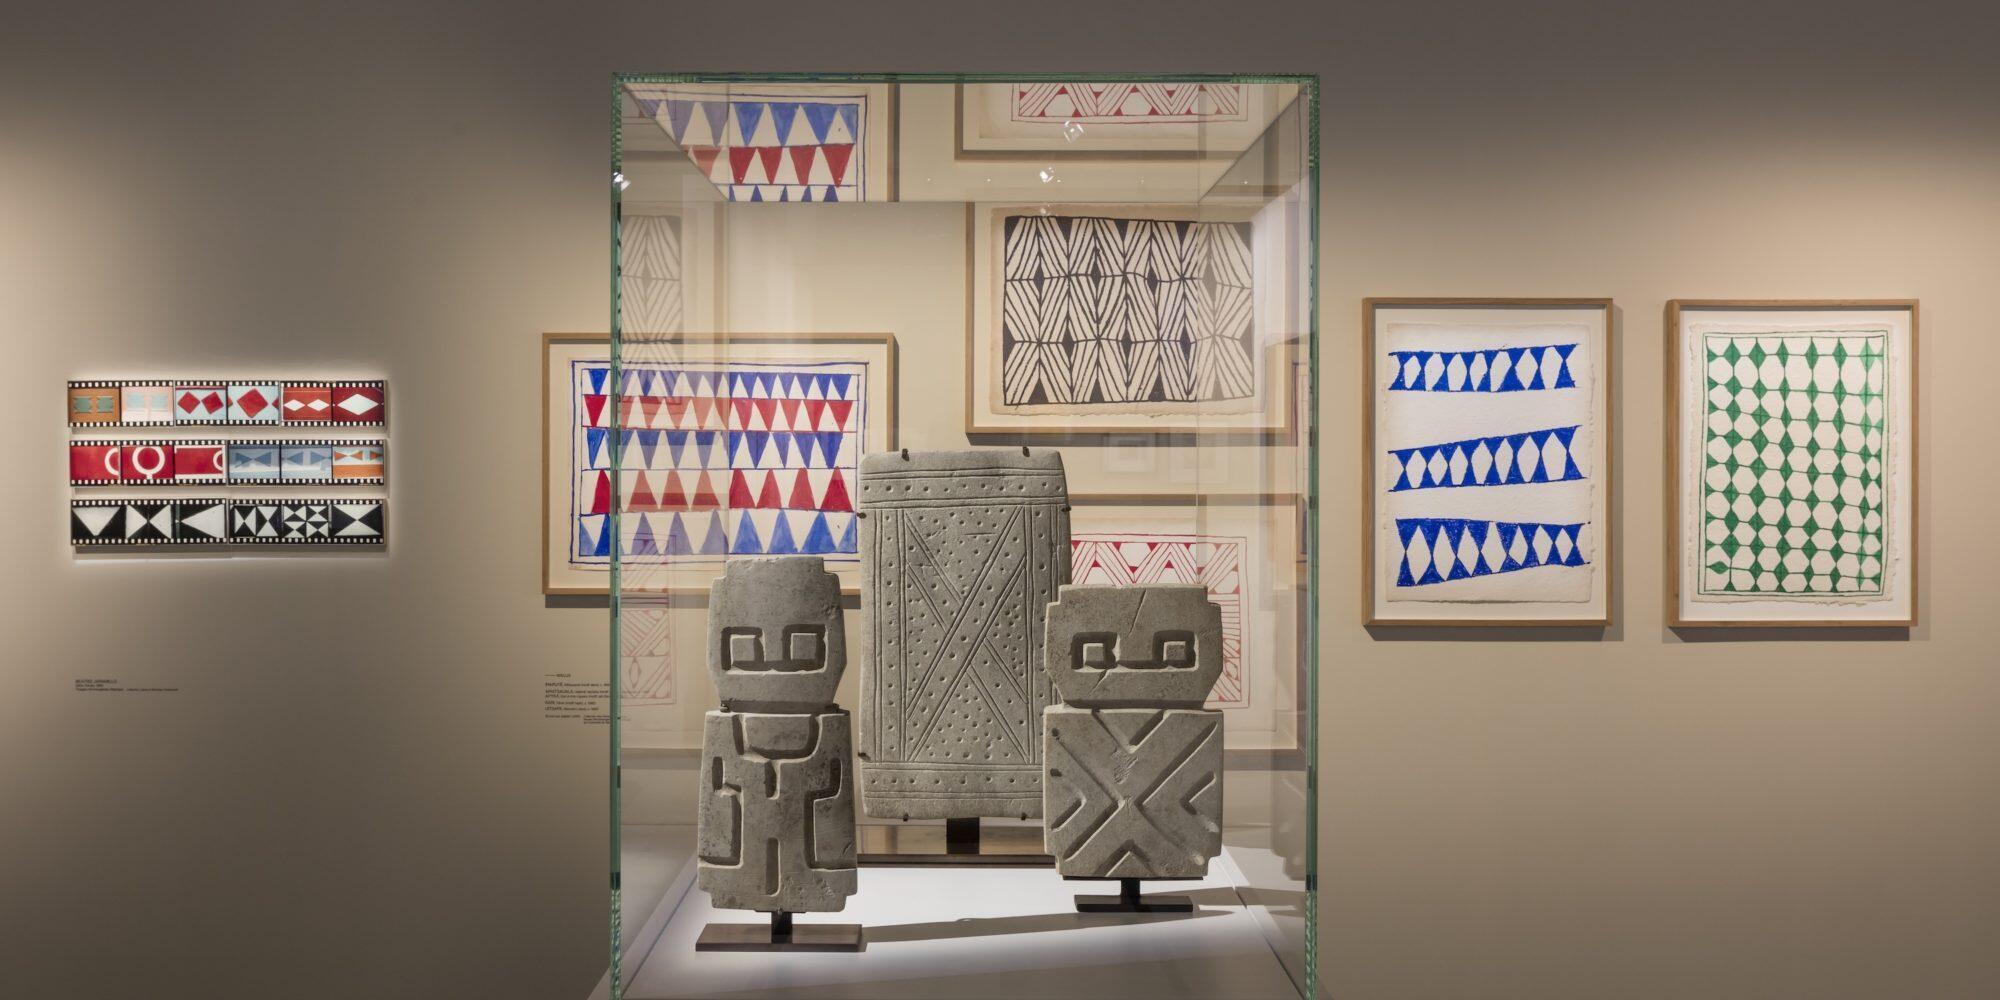 卡地亞基金會舉辦的南美幾何圖形藝術展,2019年2月。